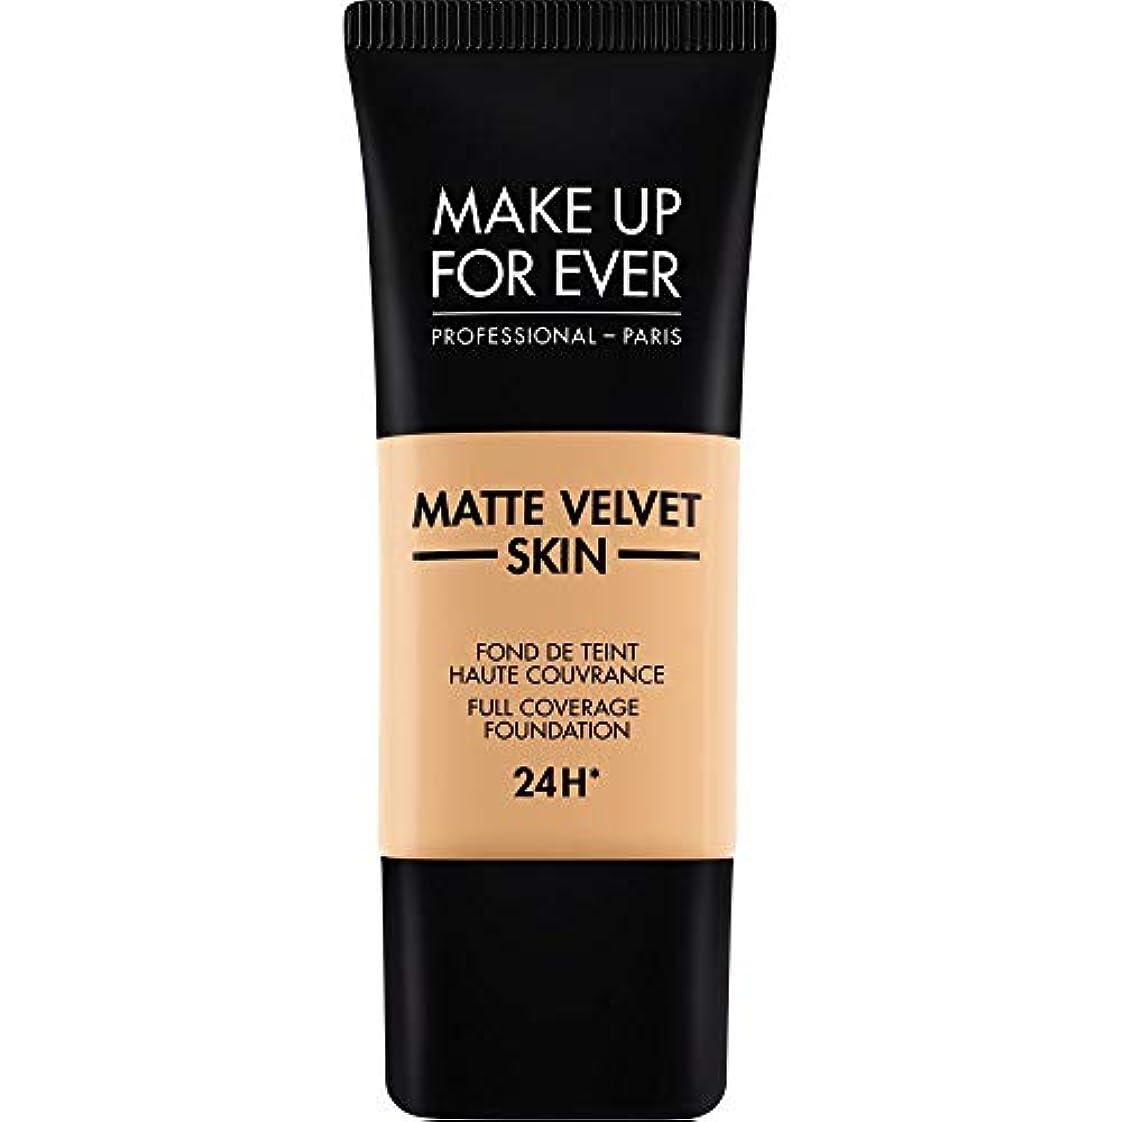 コーヒー生活肌[MAKE UP FOR EVER] これまでマットベルベットの皮膚のフルカバレッジ基礎30ミリリットルのY315を補う - 砂 - MAKE UP FOR EVER Matte Velvet Skin Full Coverage...